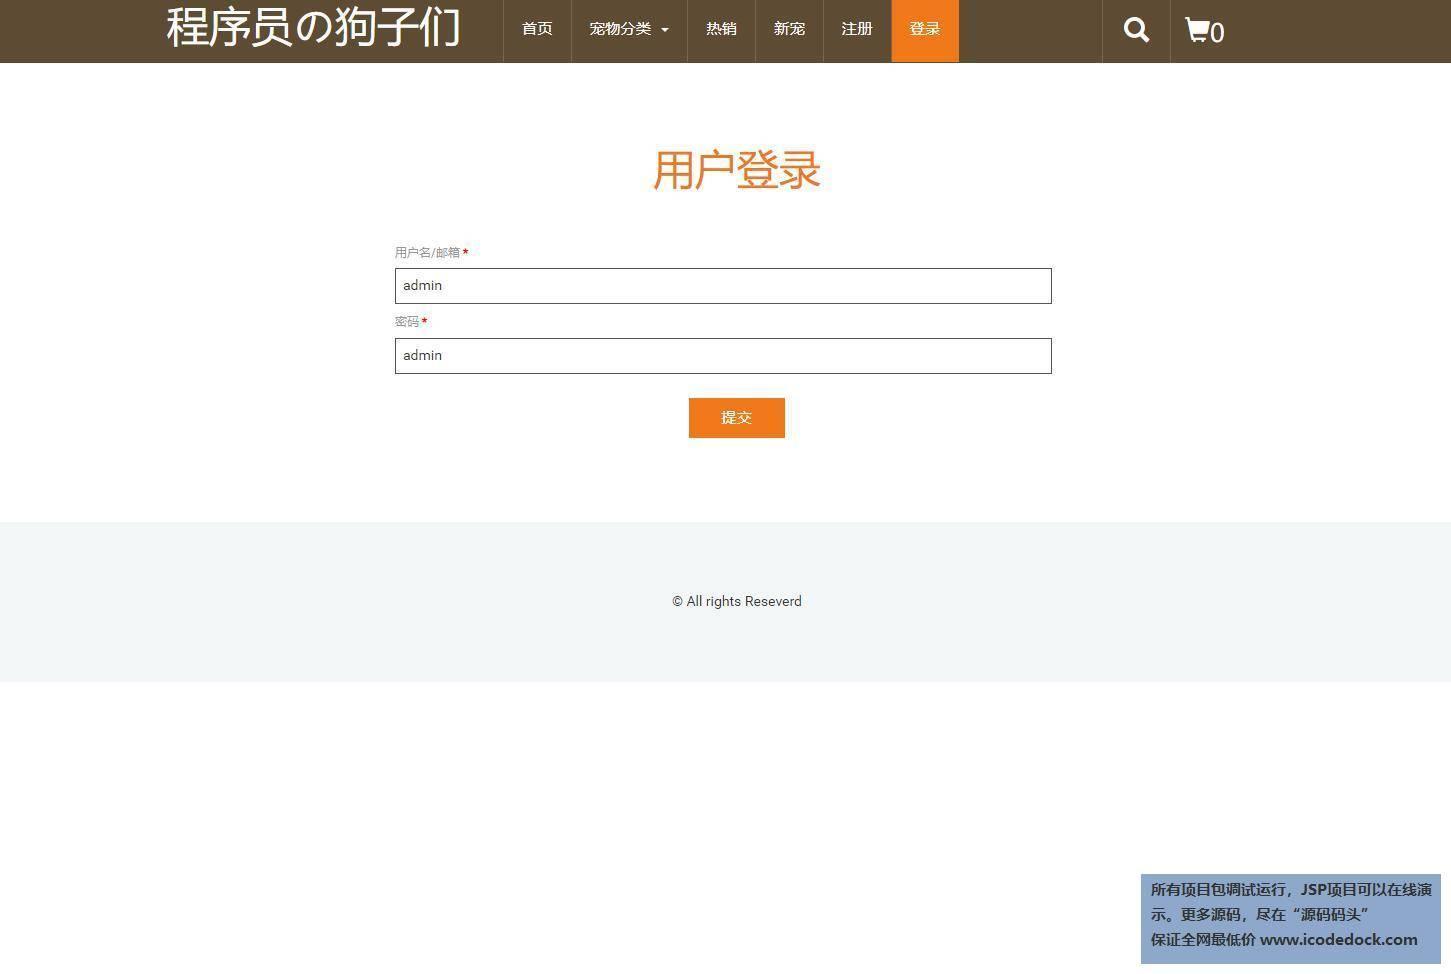 源码码头-JSP宠物店管理系统-管理员角色-管理员登录